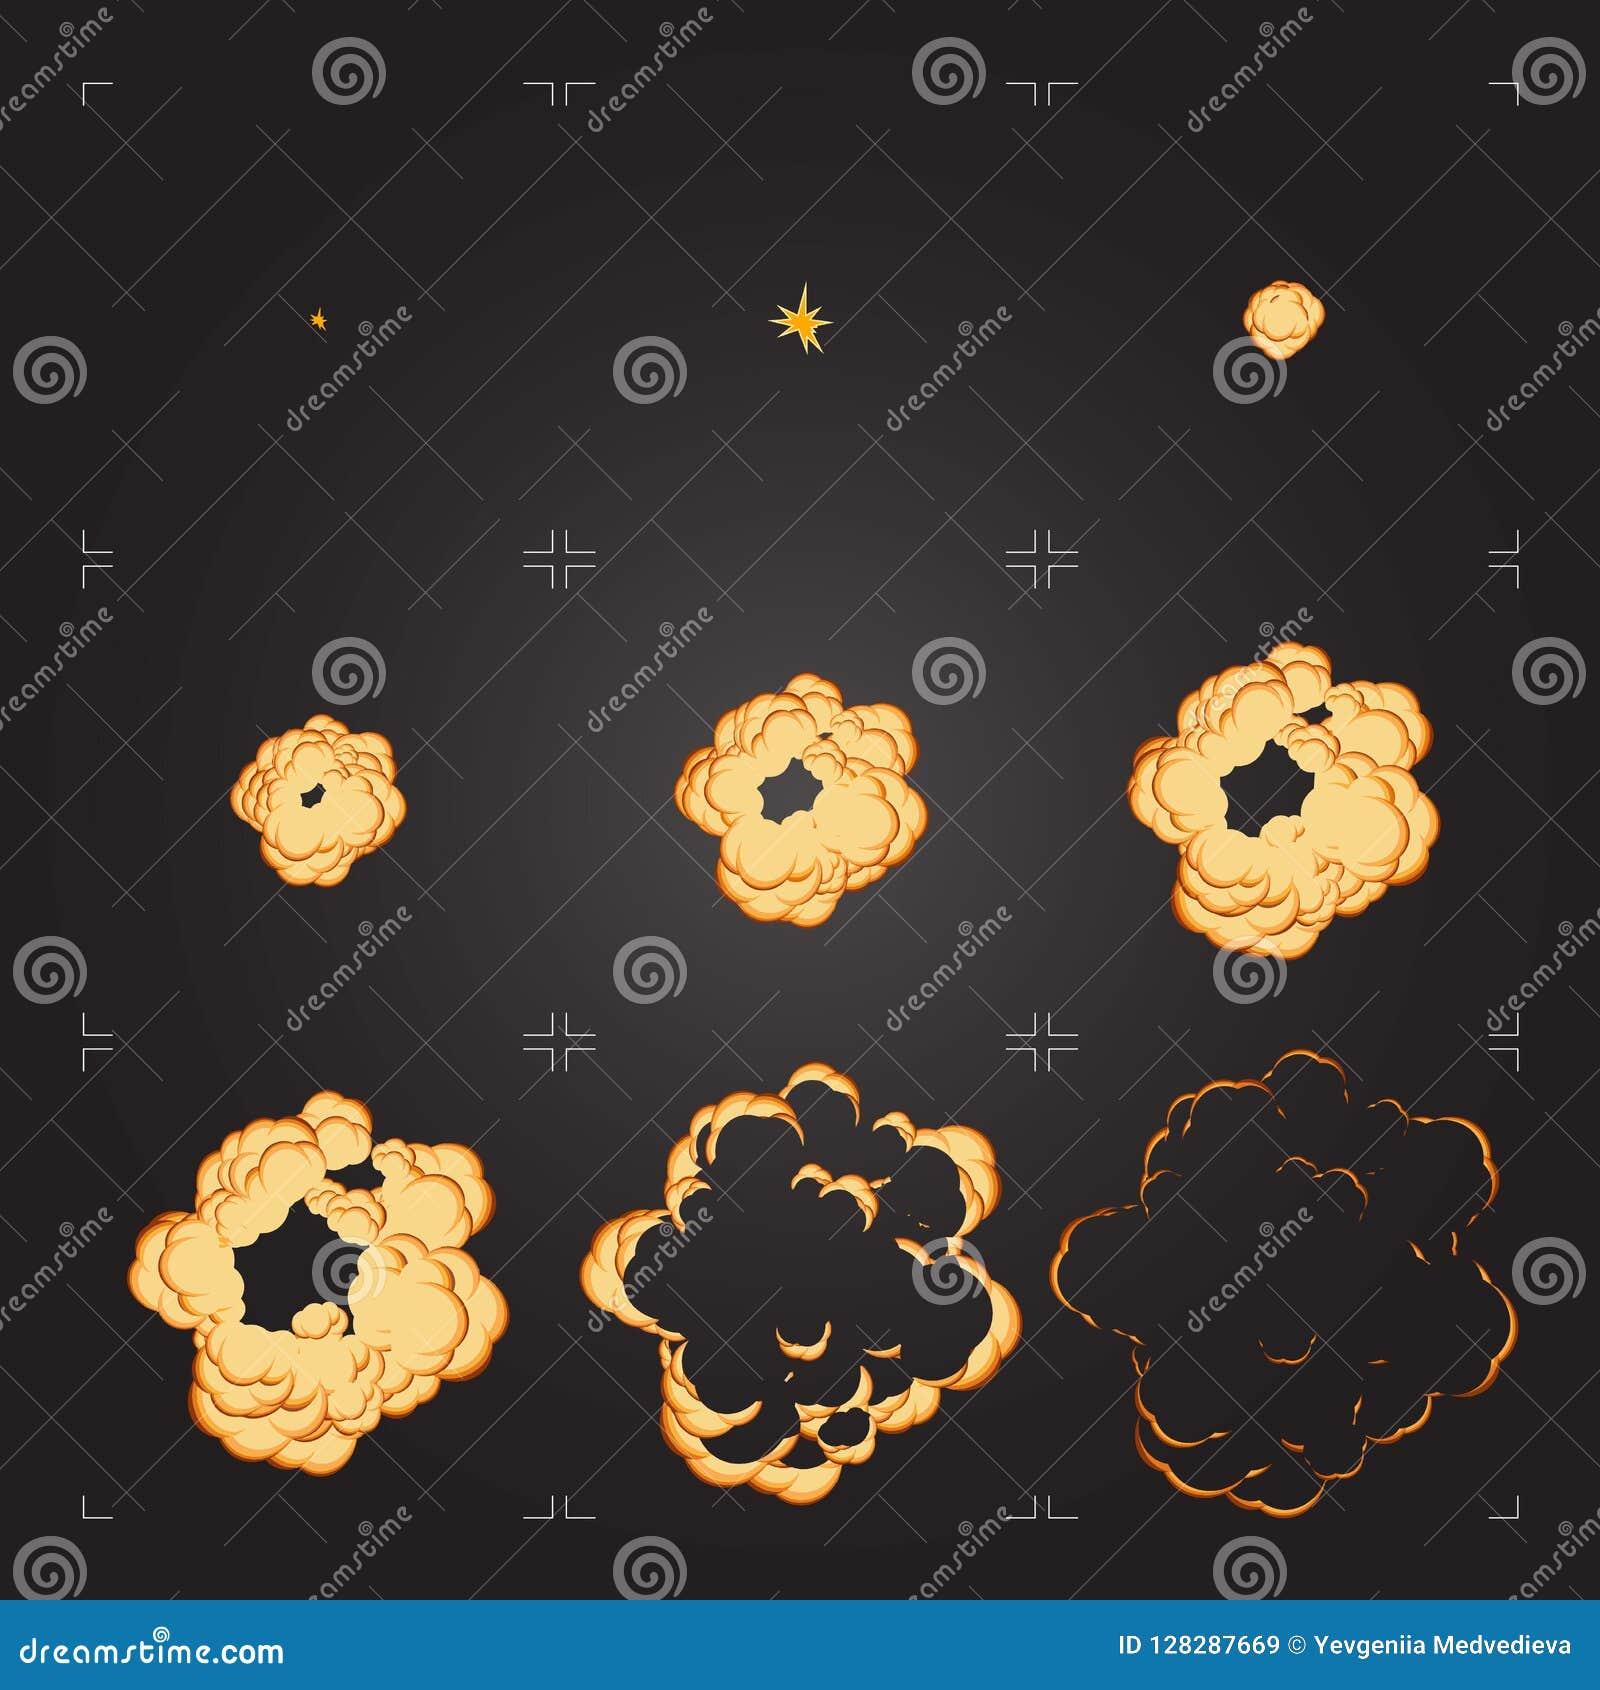 Animación de la hoja del sprite de la explosión de la historieta Elemento del diseño para el juego o la animación